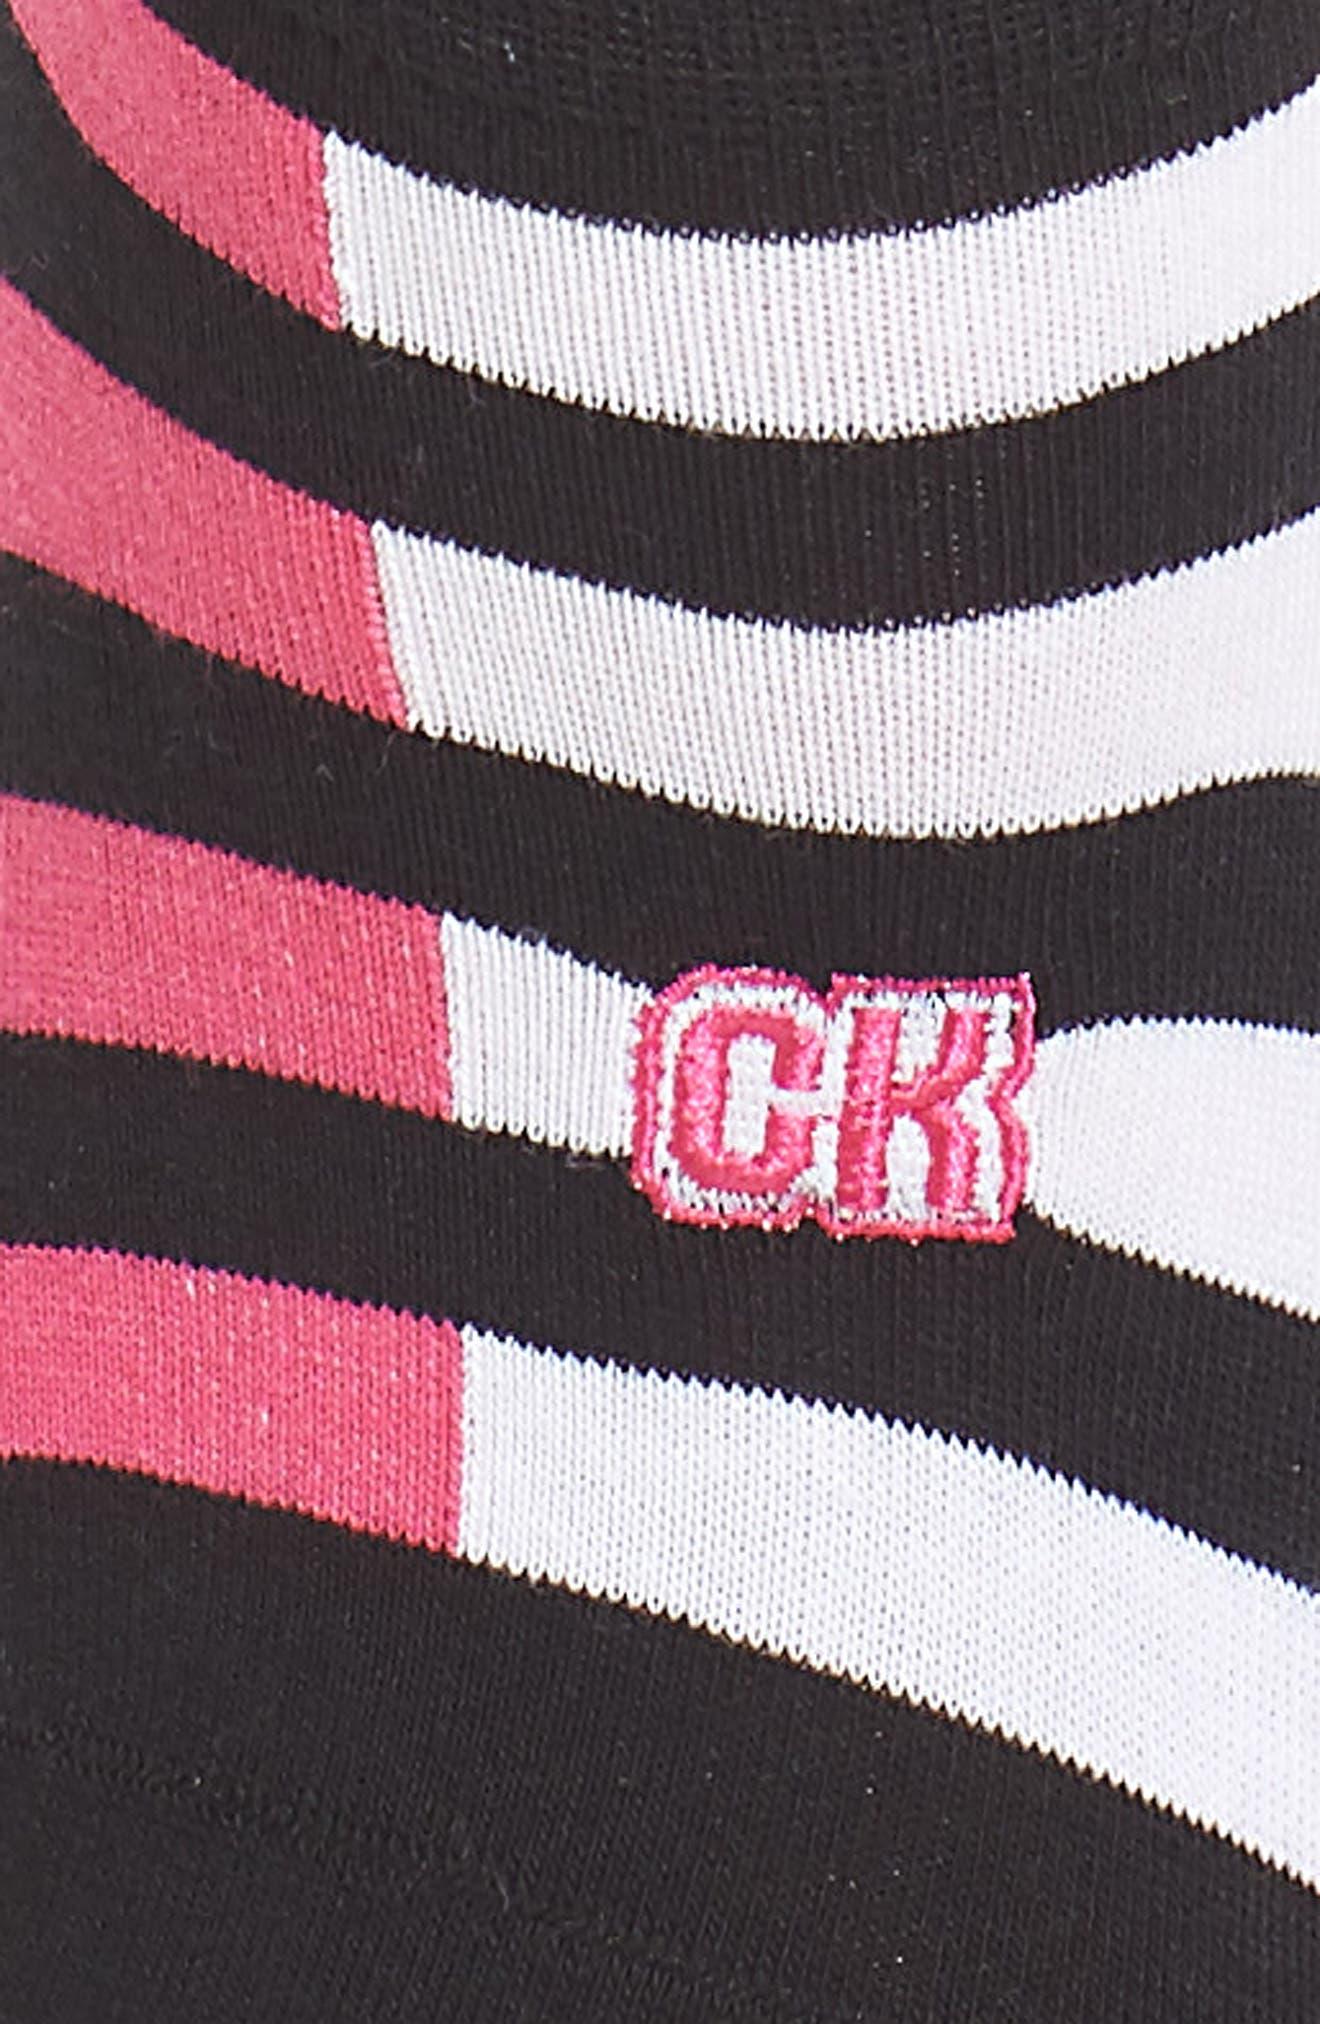 Varsity Stripe Liner Socks,                             Alternate thumbnail 3, color,                             001